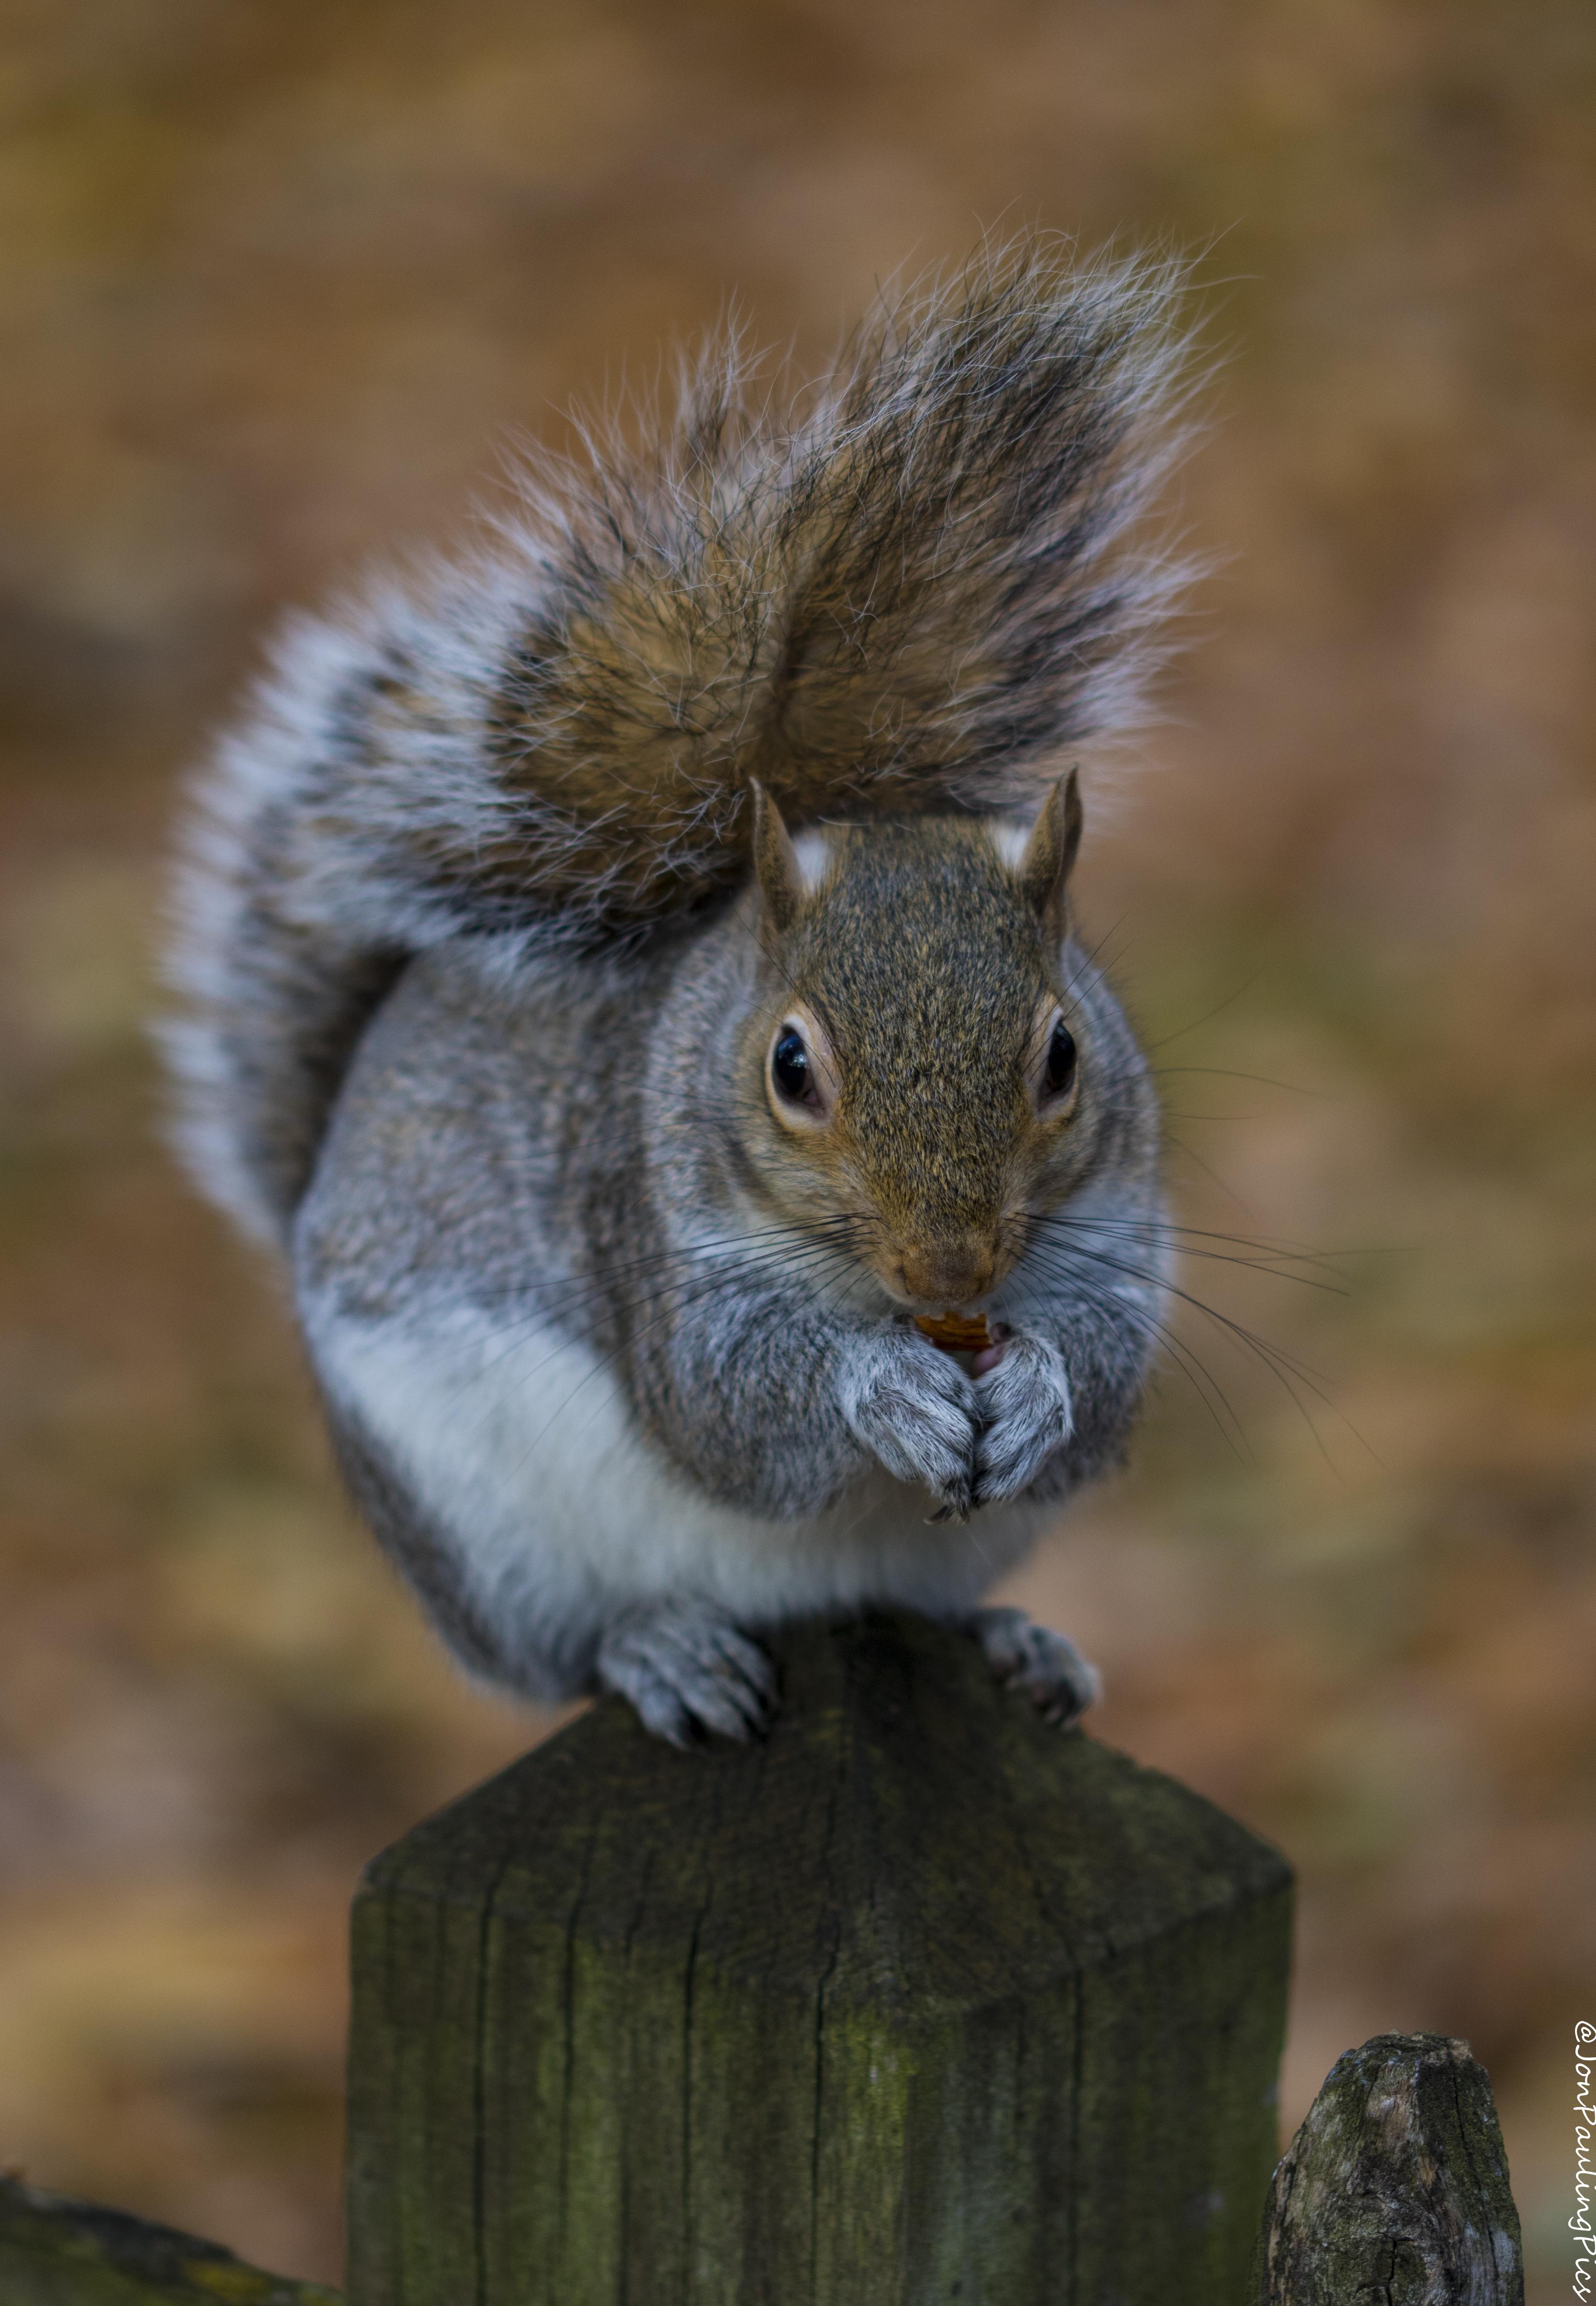 Kyoto Squirrel (3) by Mincingyoda